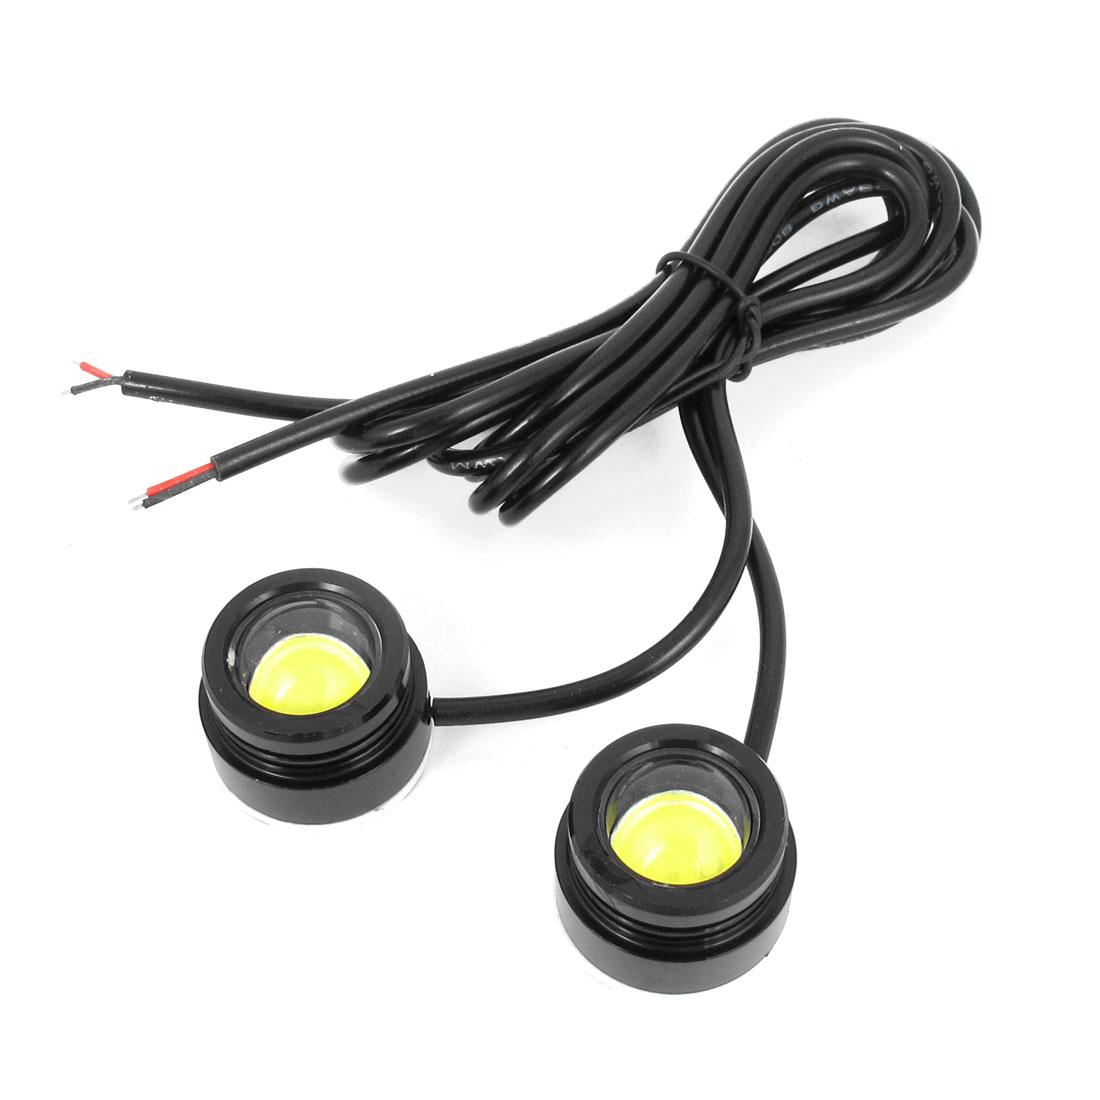 2 Pcs White LED Car Daytime Running Reversing Lights Tail Lamps 25MM Dia 12V 3W